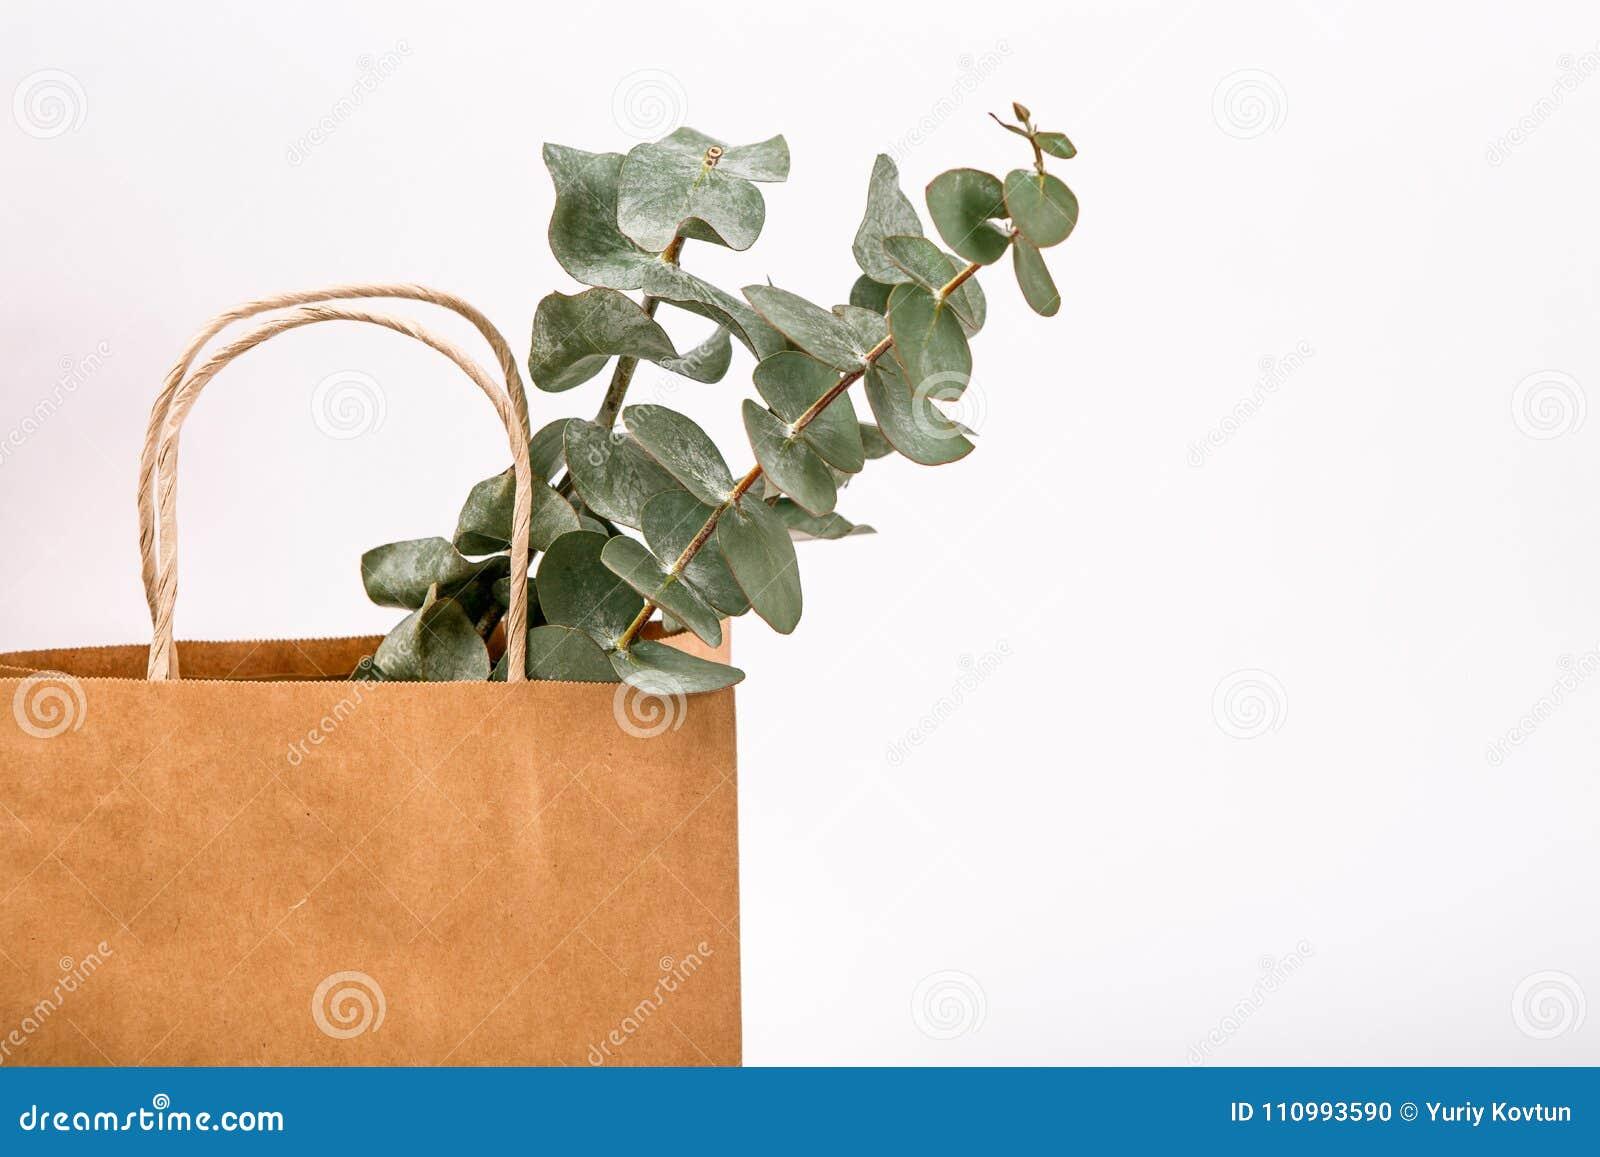 Frühlingskonzept Hintergrund der Einkaufstasche braunen Papiers Kraftpapiers weißes